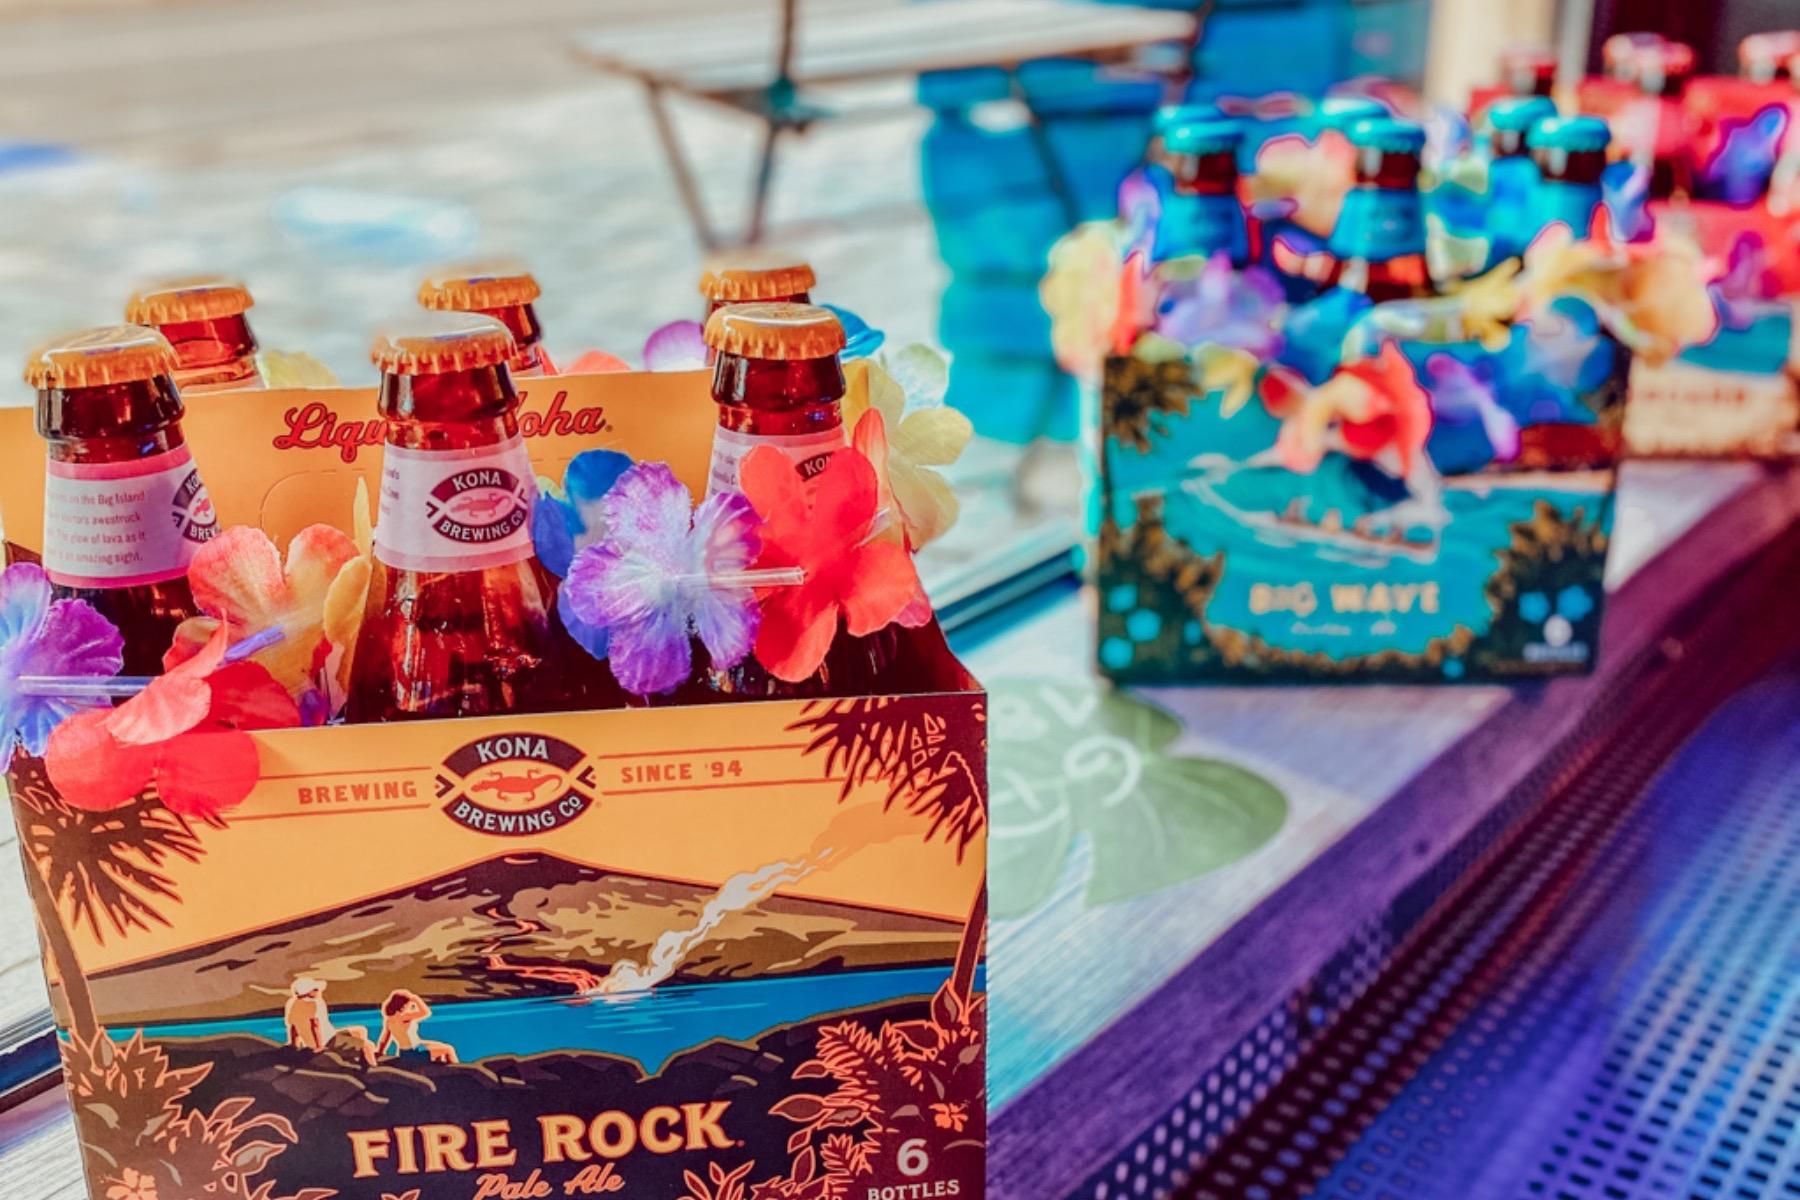 Zum runterspülen gibt´s noch ein leckeres Hawaiianisches Bierchen müsst ihr probiert haben!